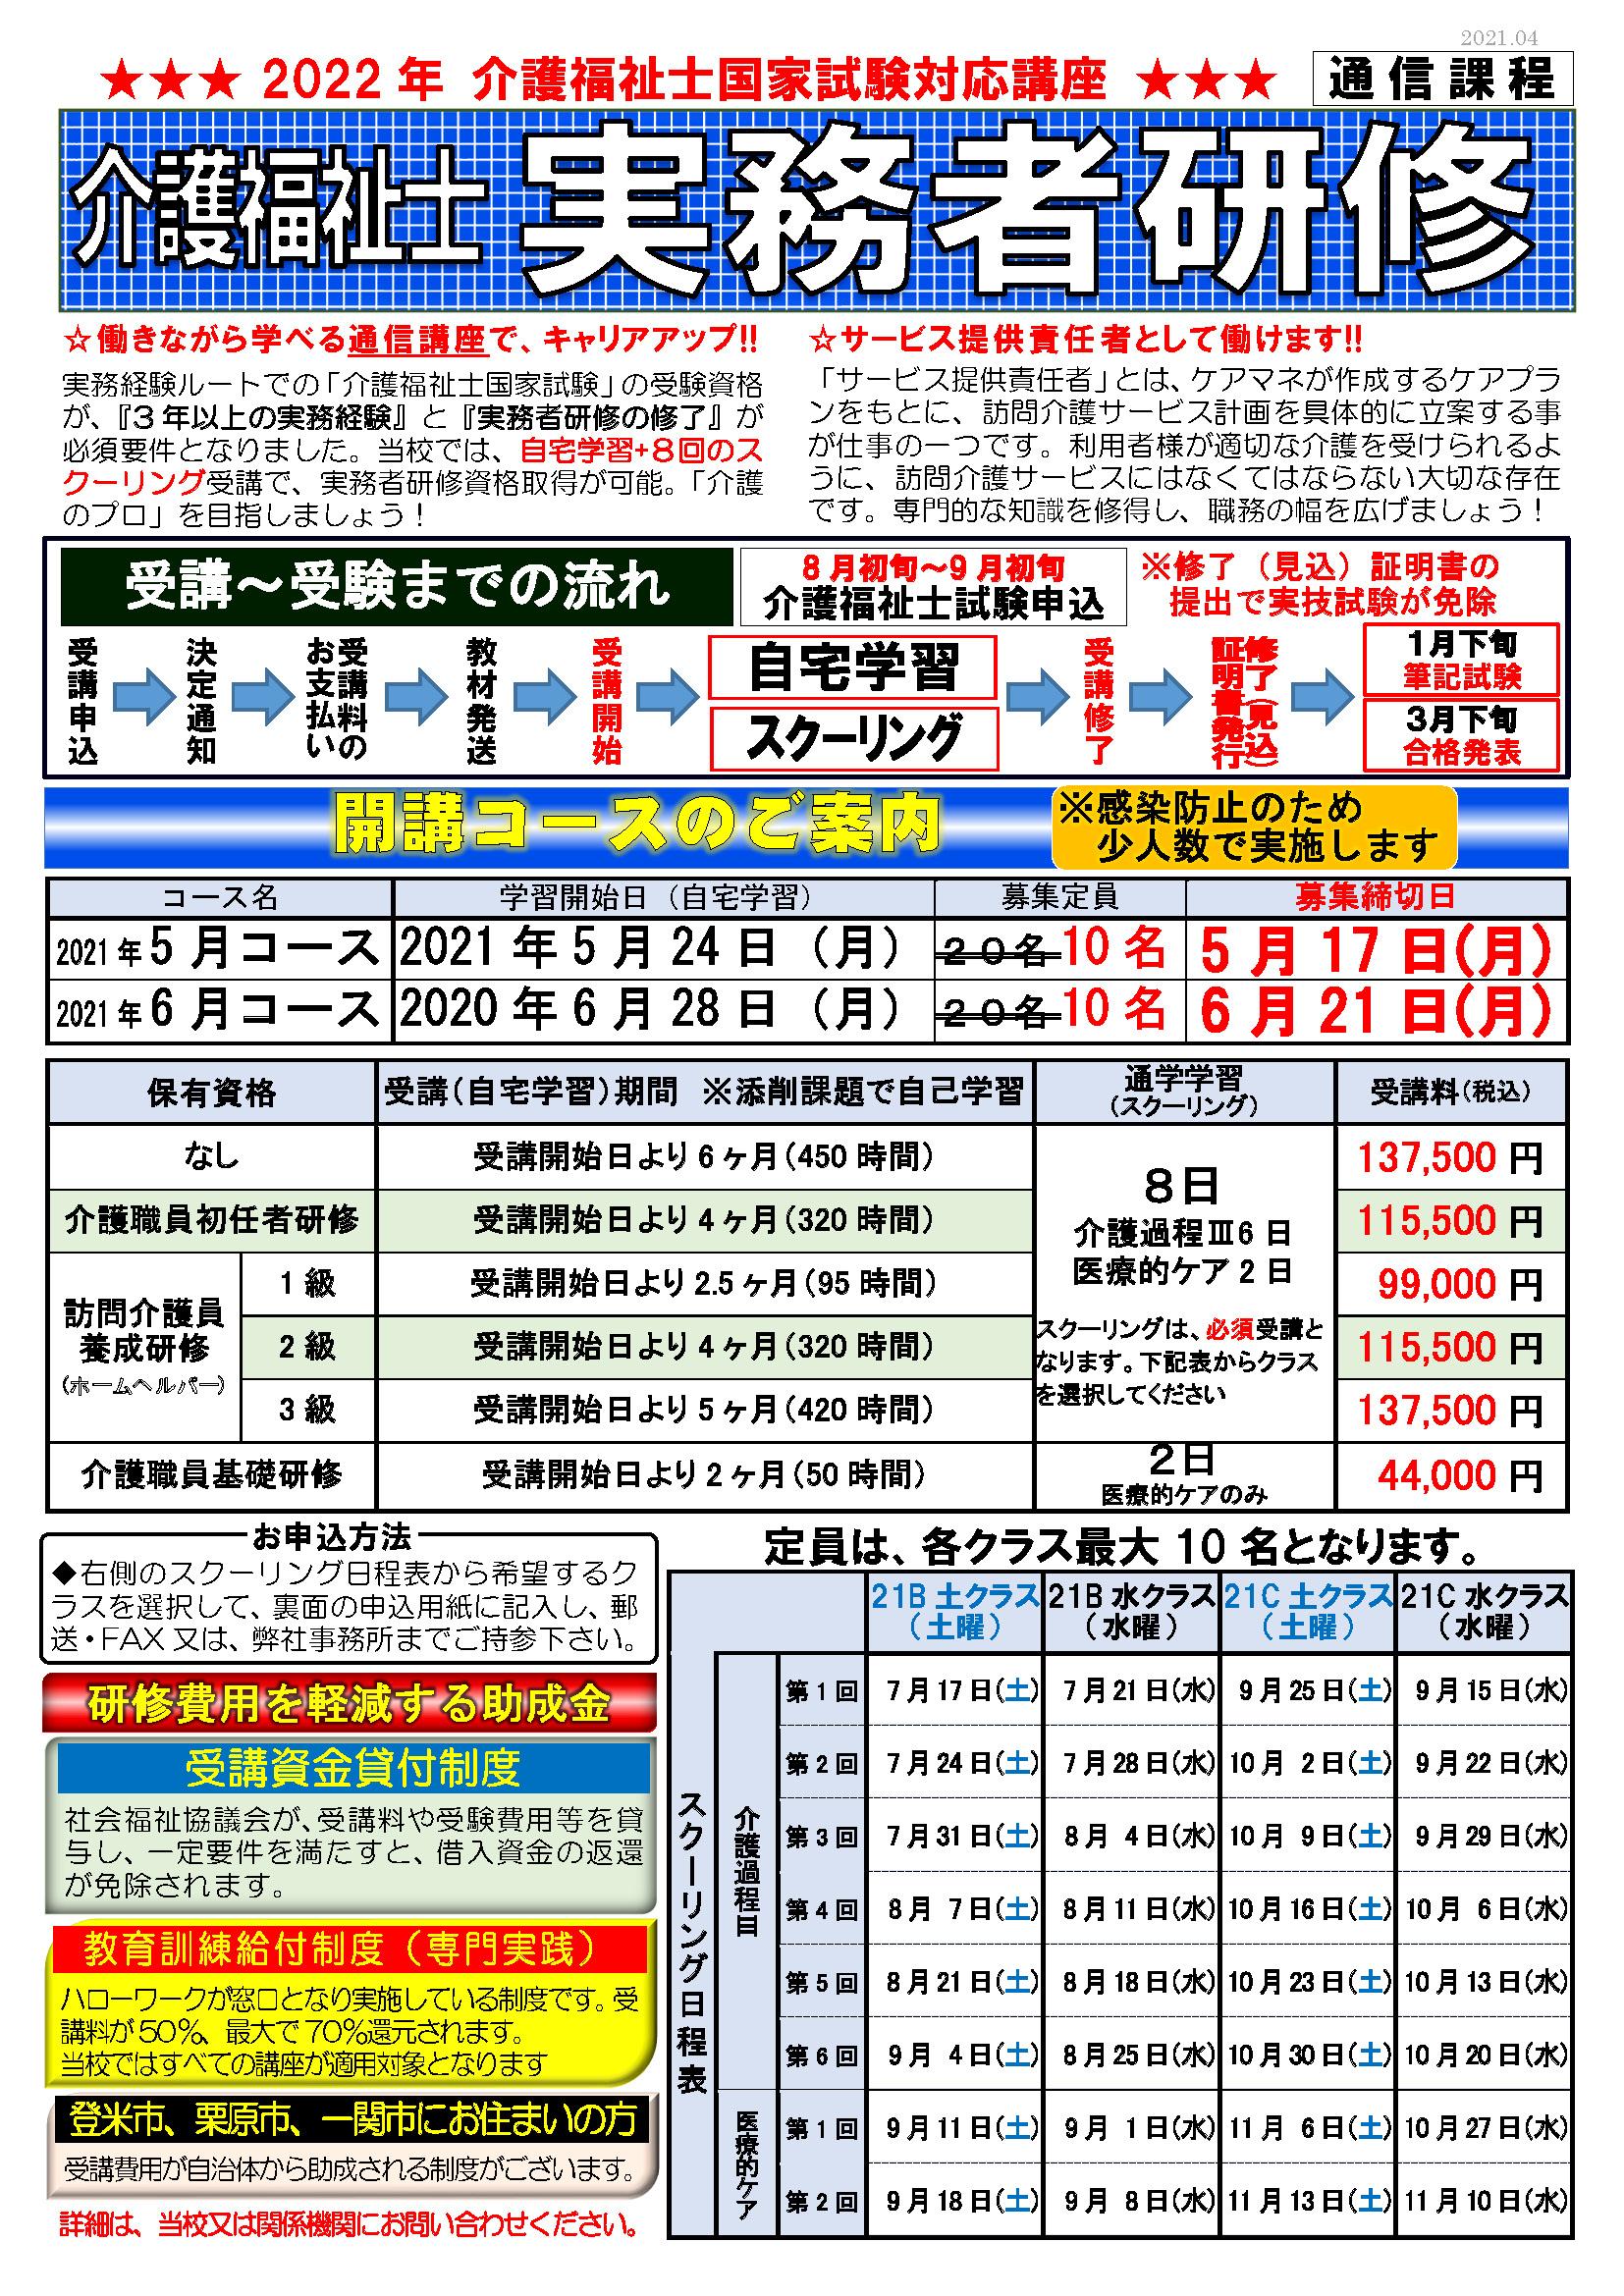 実務者募集チラシ2021年5-6月_ページ_1